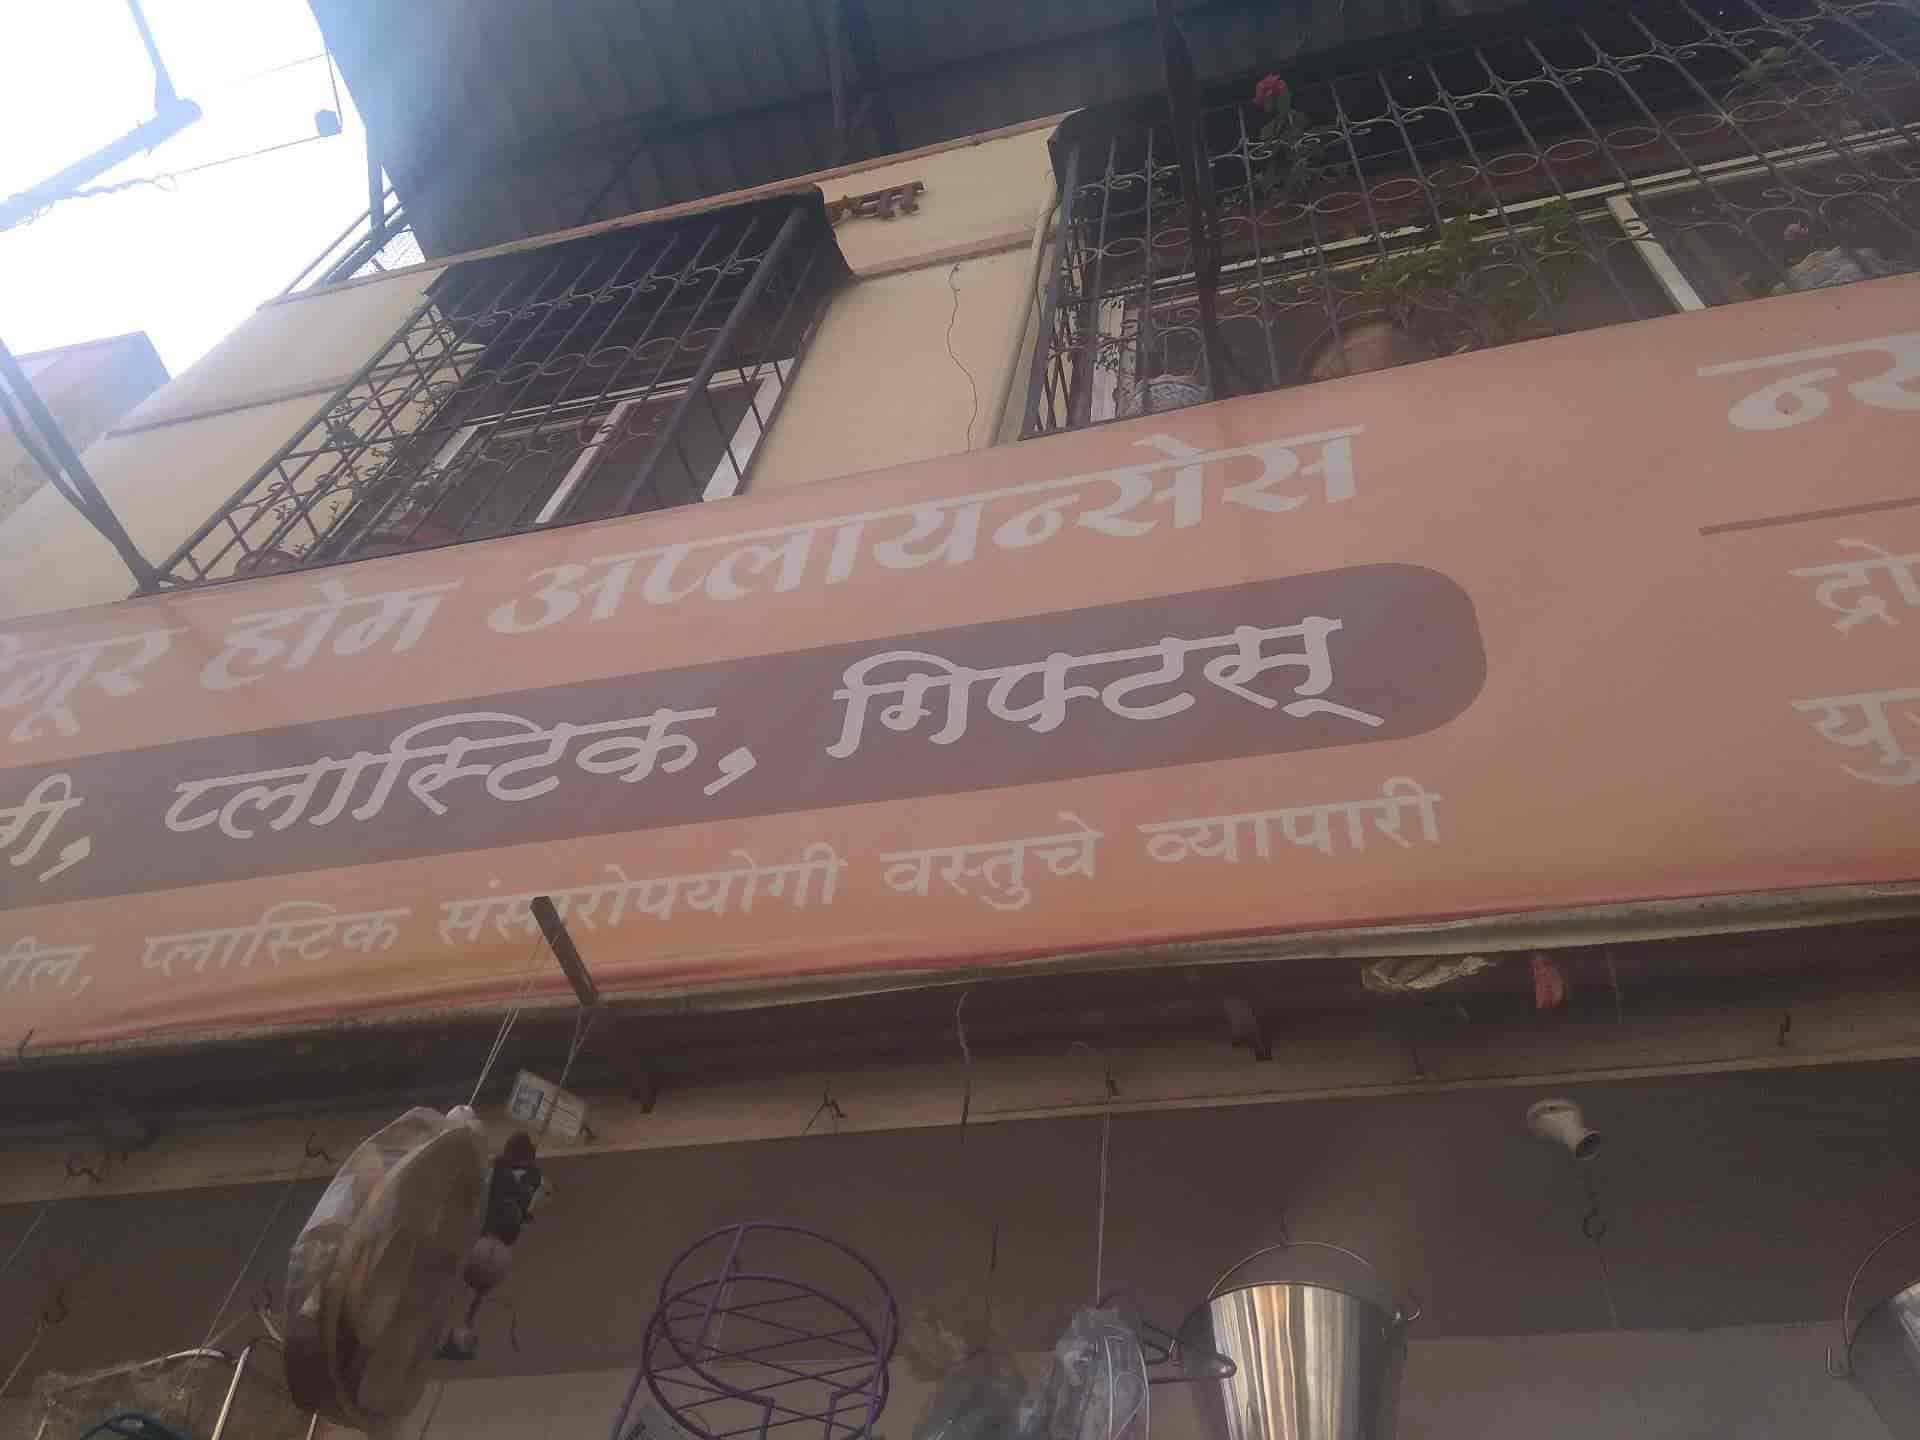 Koinor Eetbank Bottom.Kohinoor Home Appliances Karve Nagar Hingne Budrukh Utensil